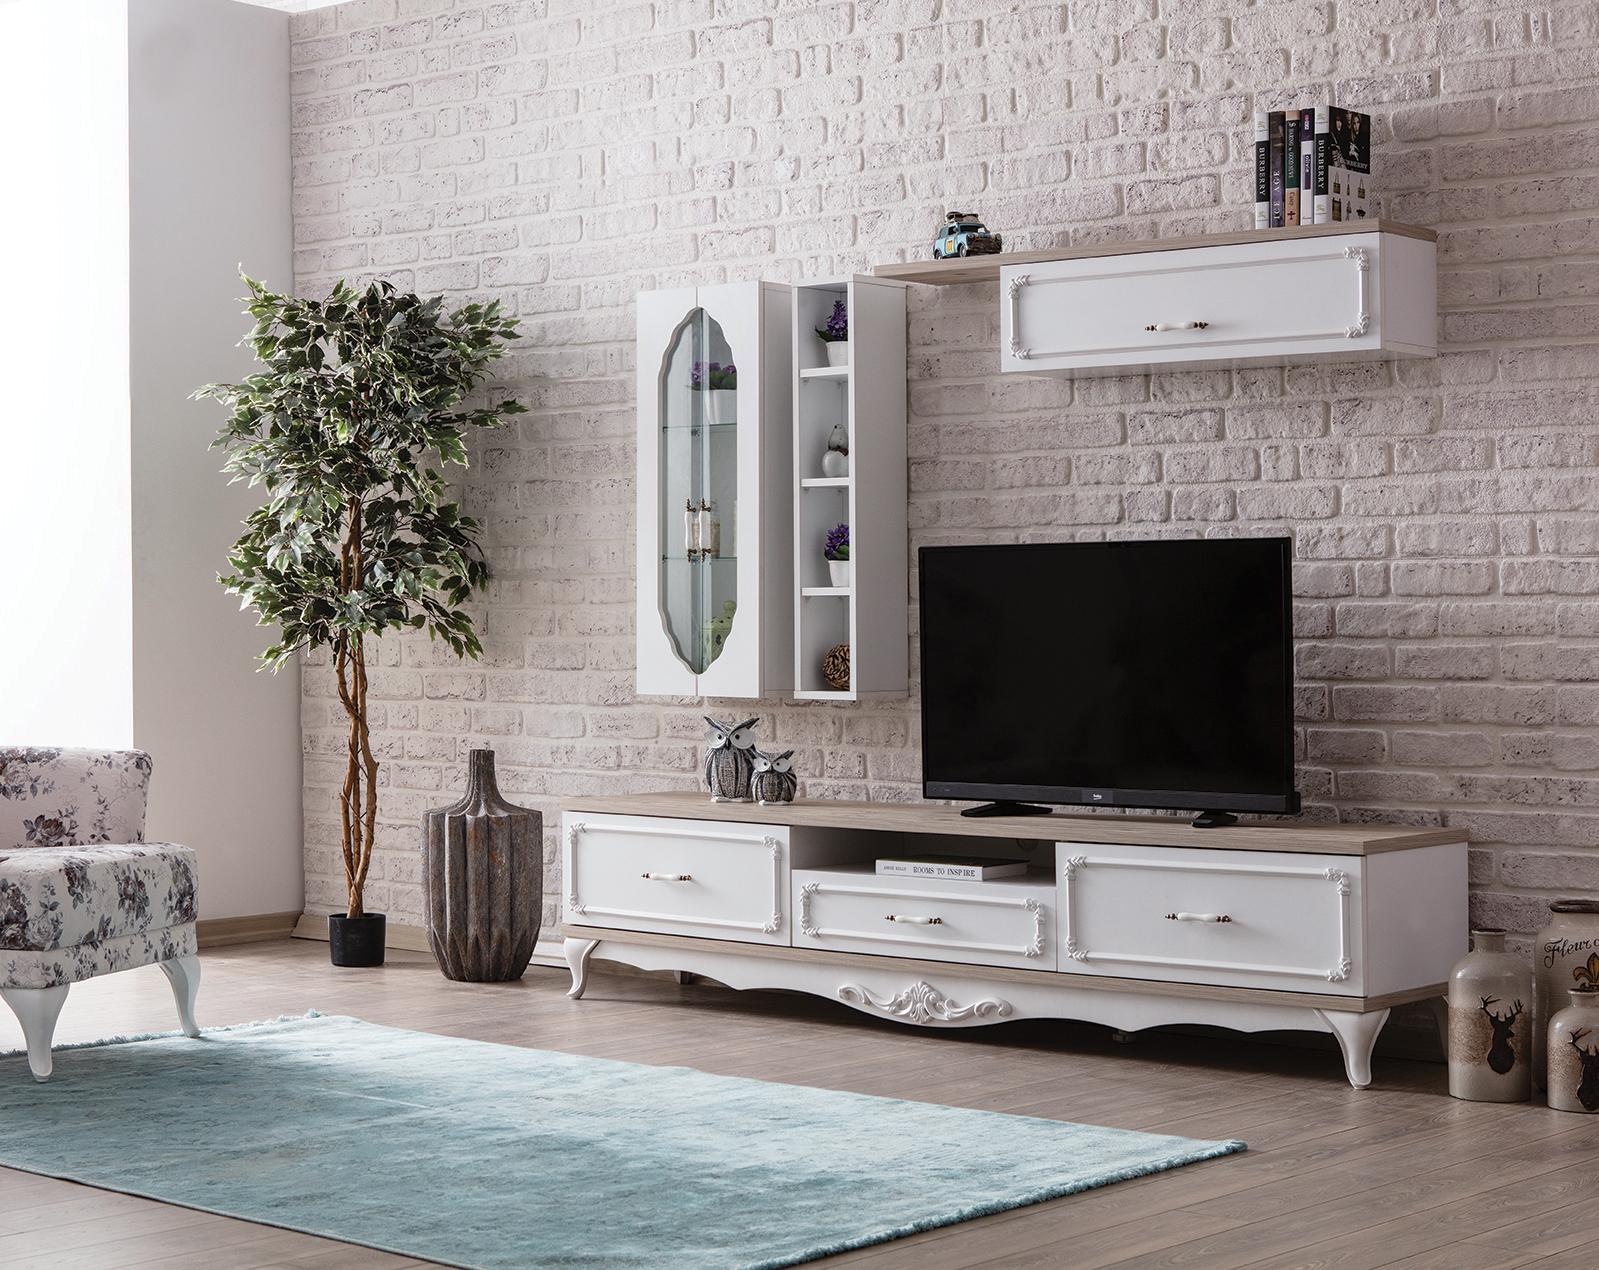 Weltew Wohnzimmer Wand 4-teilig Natalee Weiß